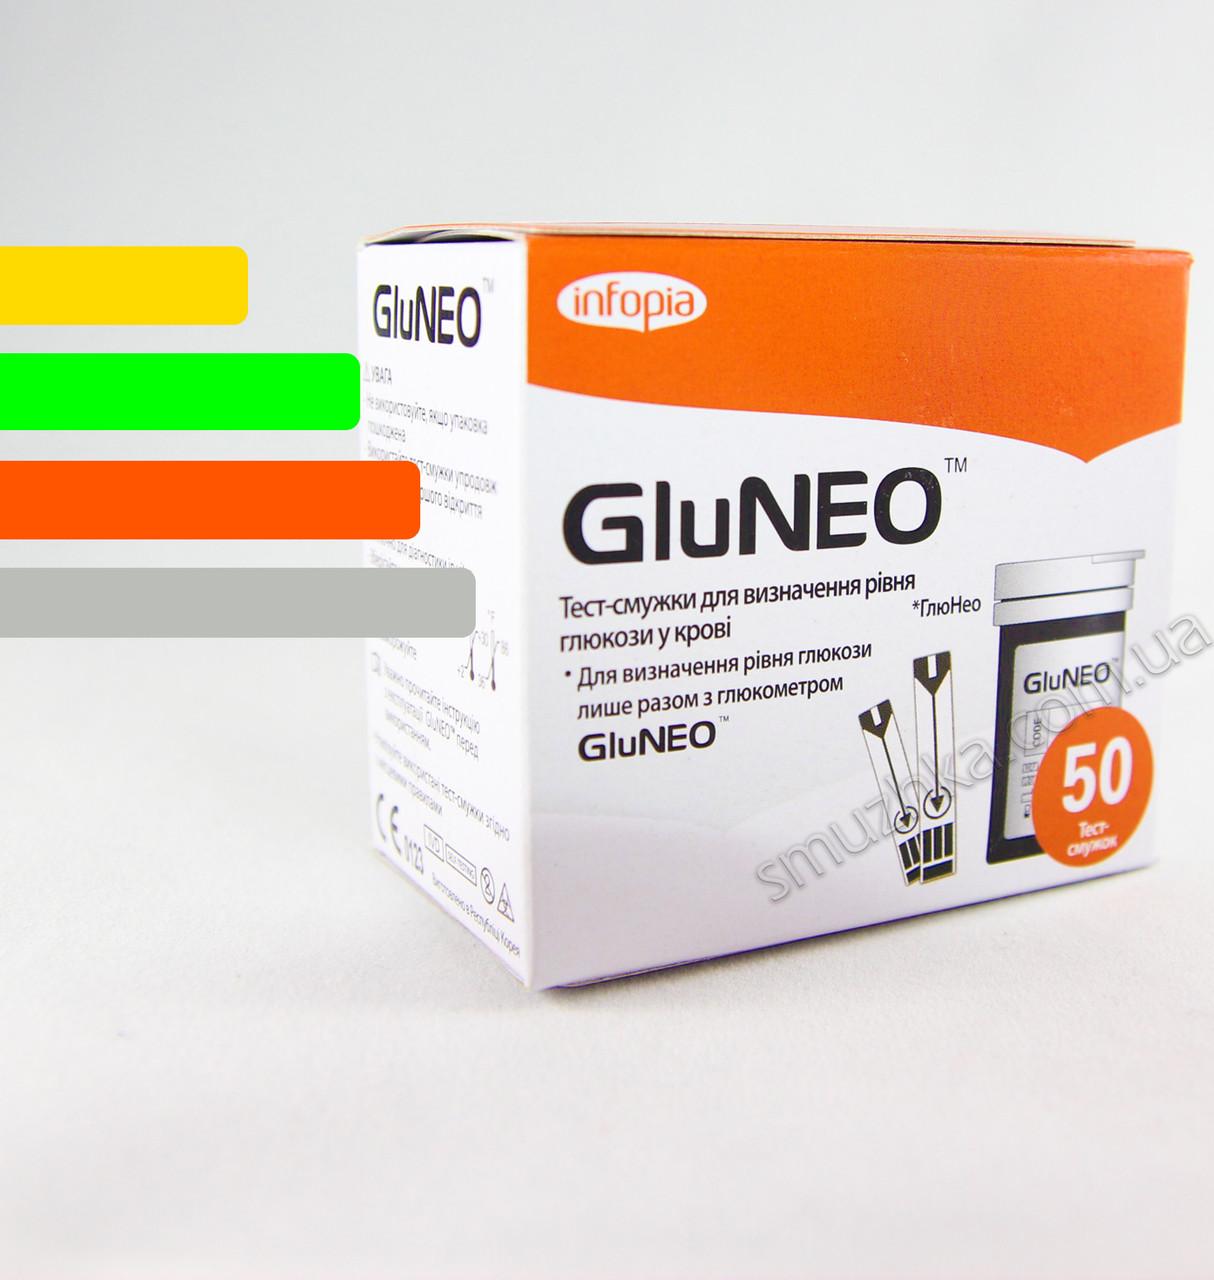 Тест-полоски GluNeo #50 - ГлюНео тест полоски #50 шт.